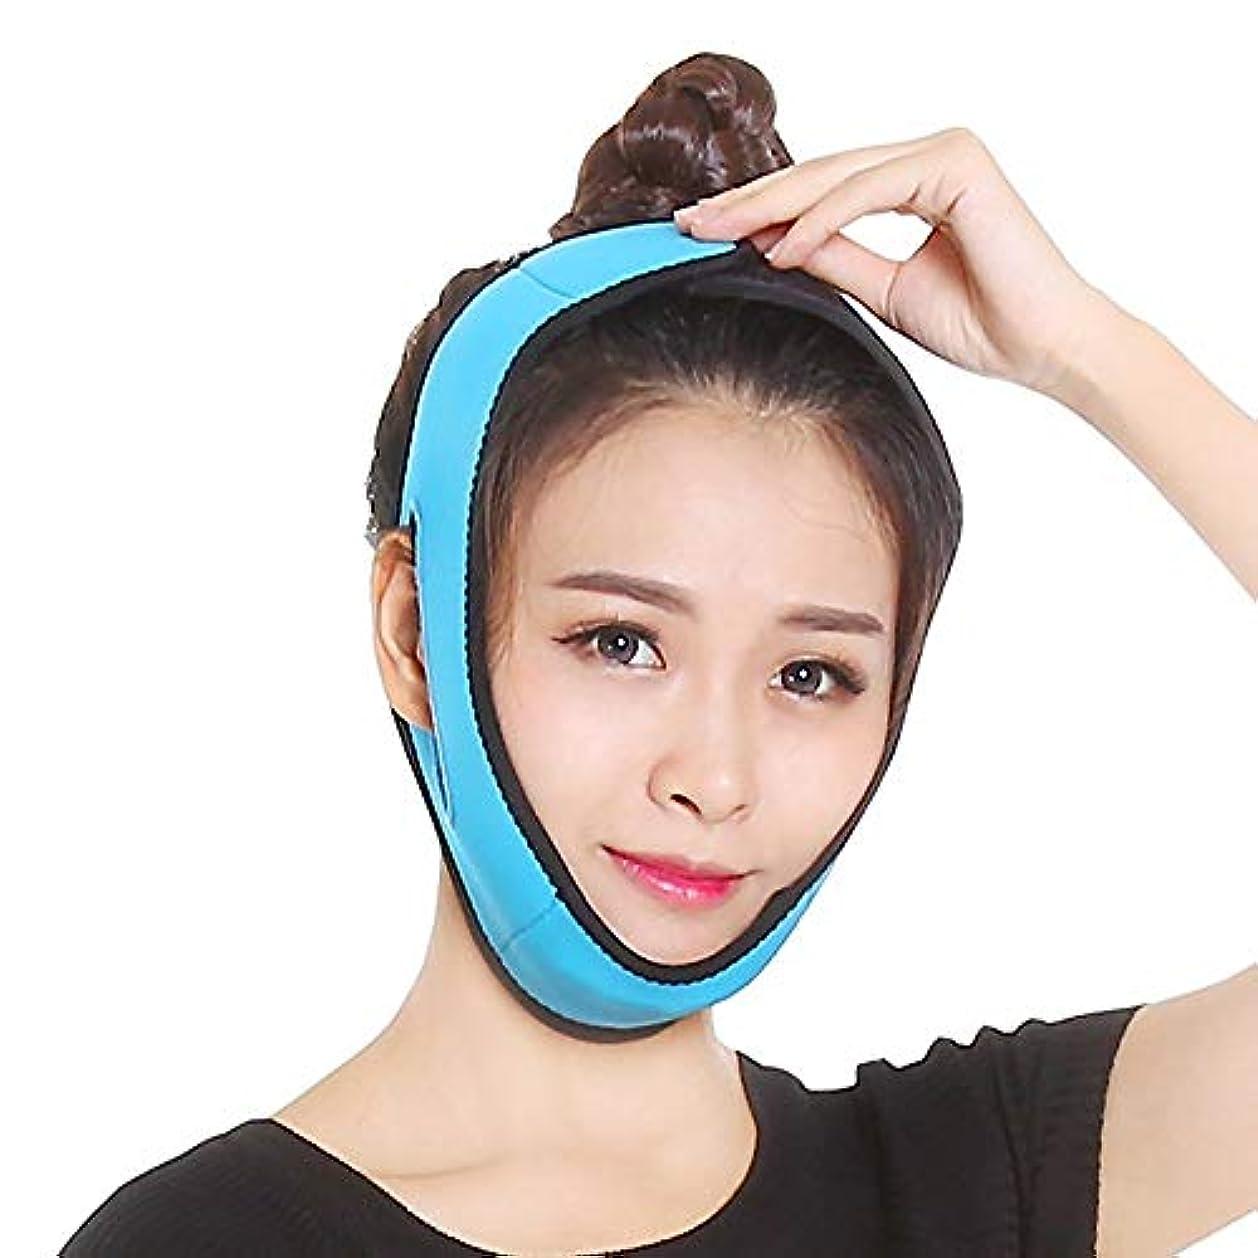 その他リーチ休日にGYZ フェイシャルリフティングスリミングベルト - 薄いフェイス包帯二重あごデバイス無料フェイシャルマッサージ整形マスクを引き締める顔と首の顔スリム Thin Face Belt